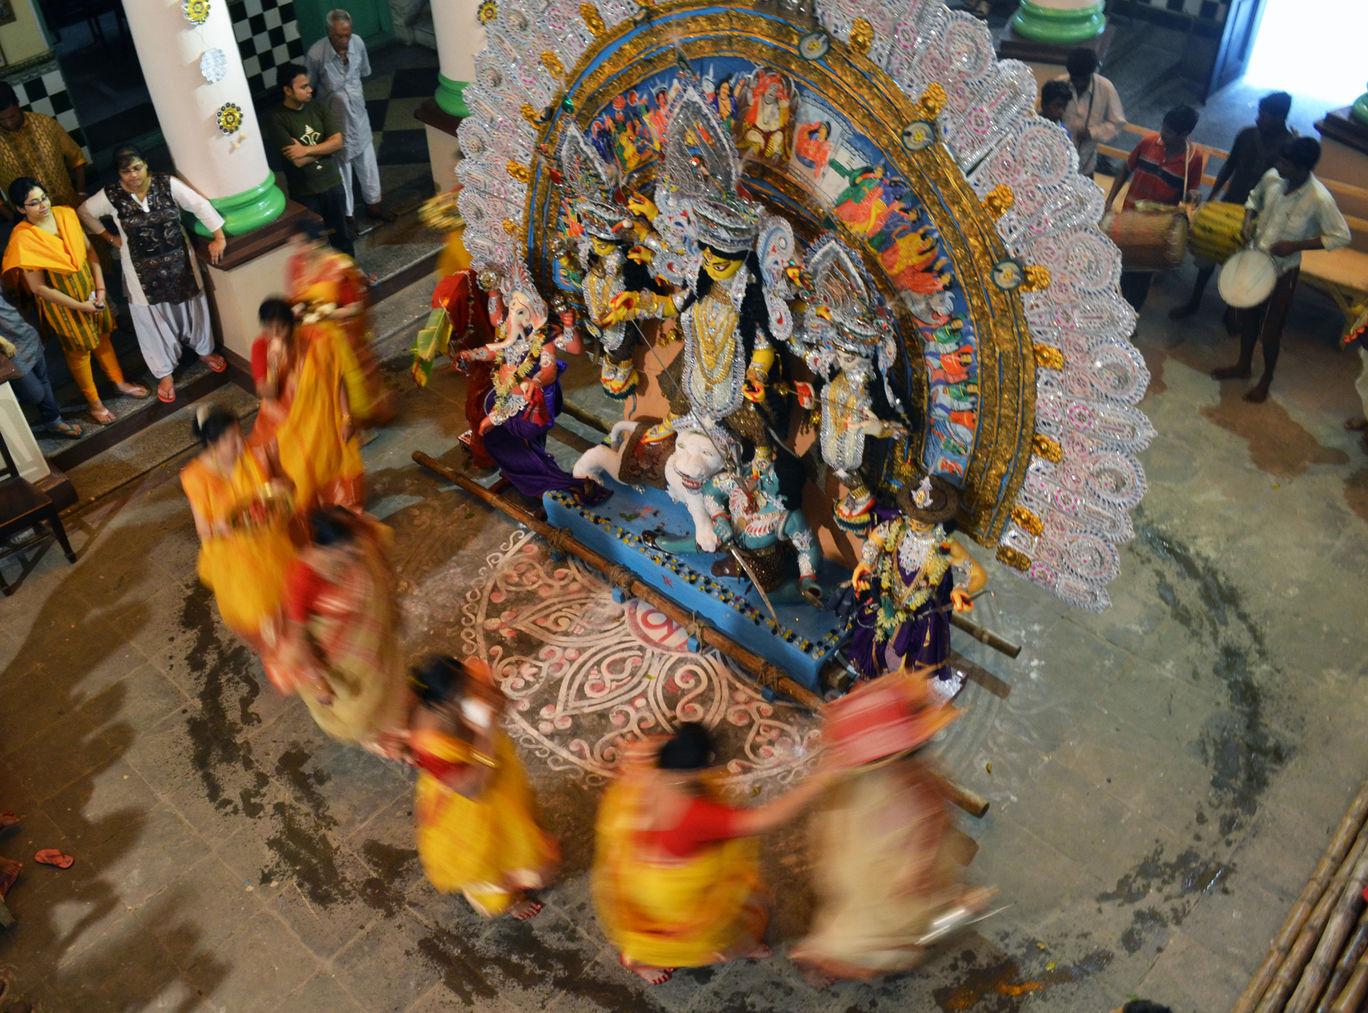 Photo of Kolkata By Sourangshu Gupta